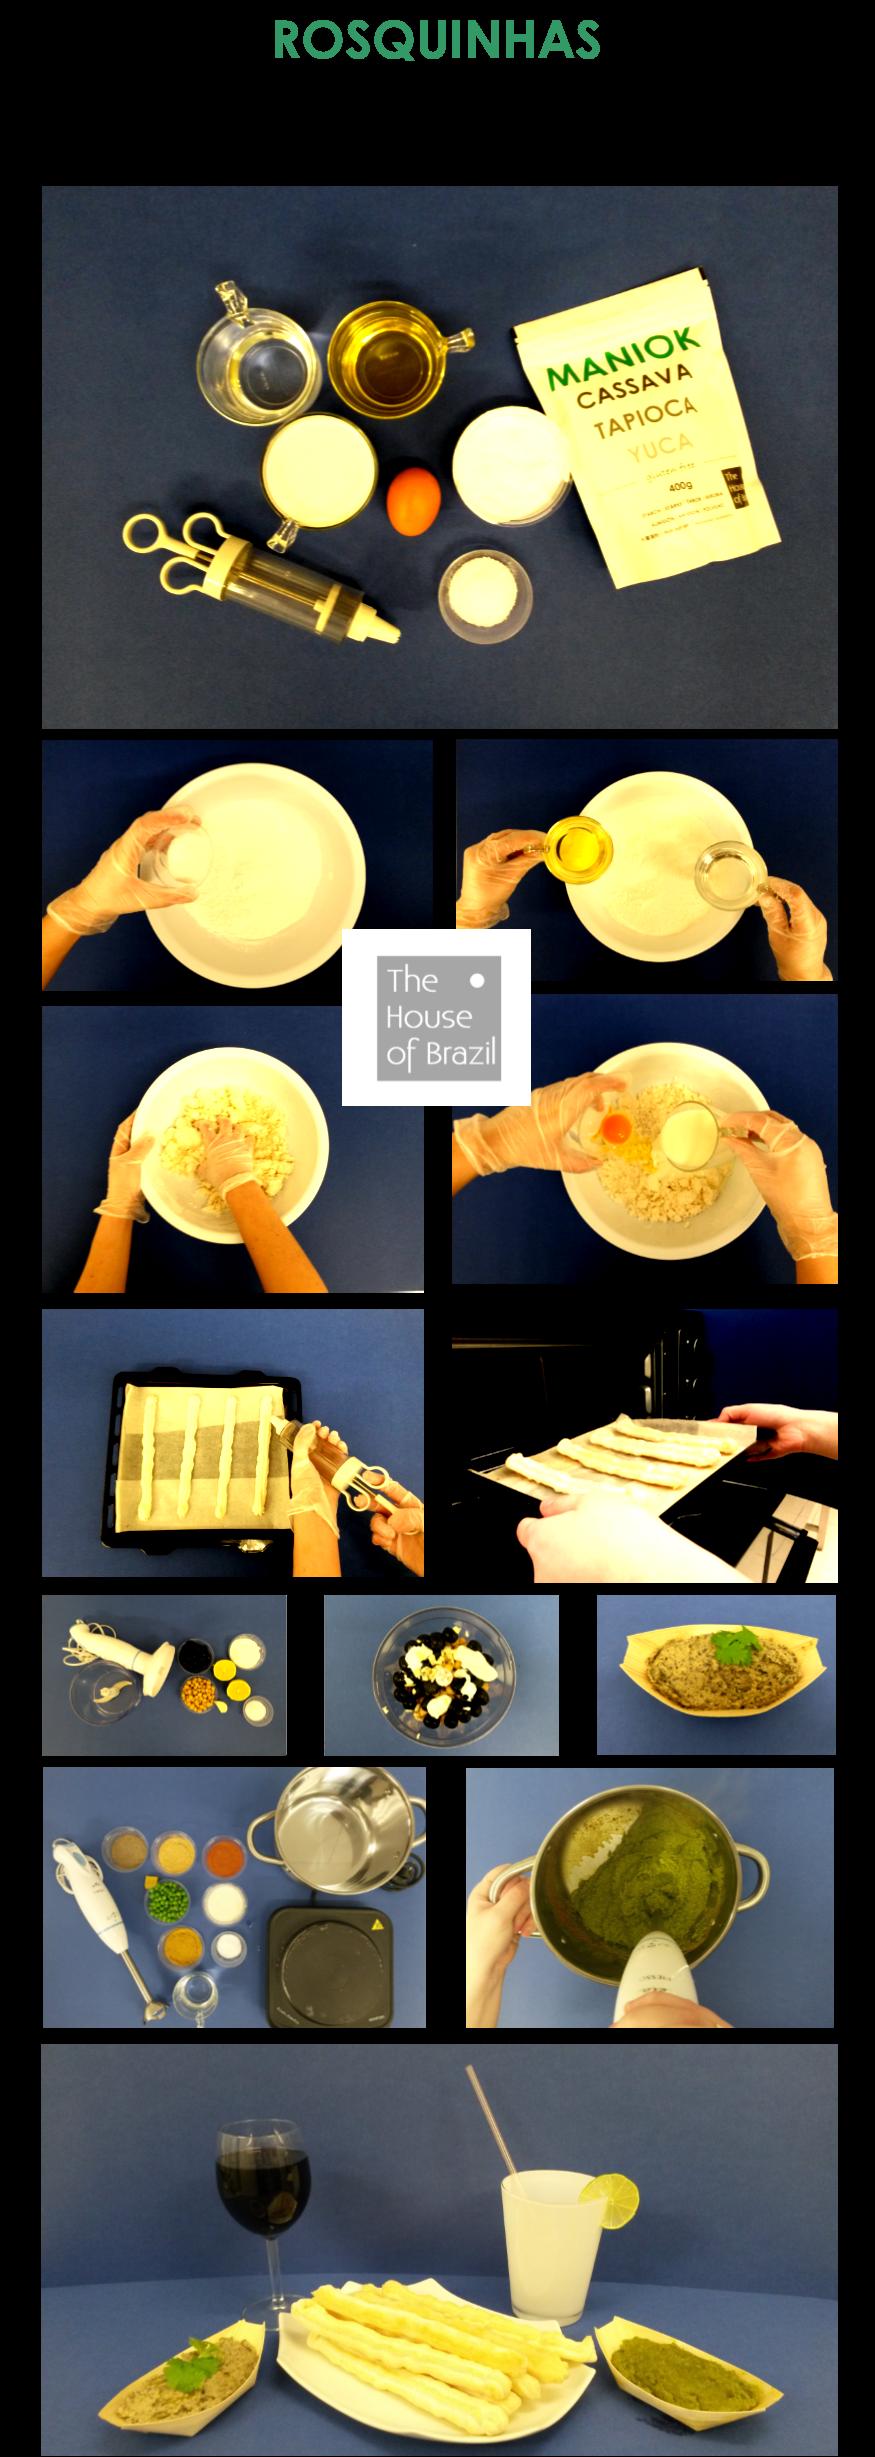 úžasné maniokové tyčky s olivovým dipem / hráškovým tatarákem... wonderful manioc sticks with olive dip / pea tartare